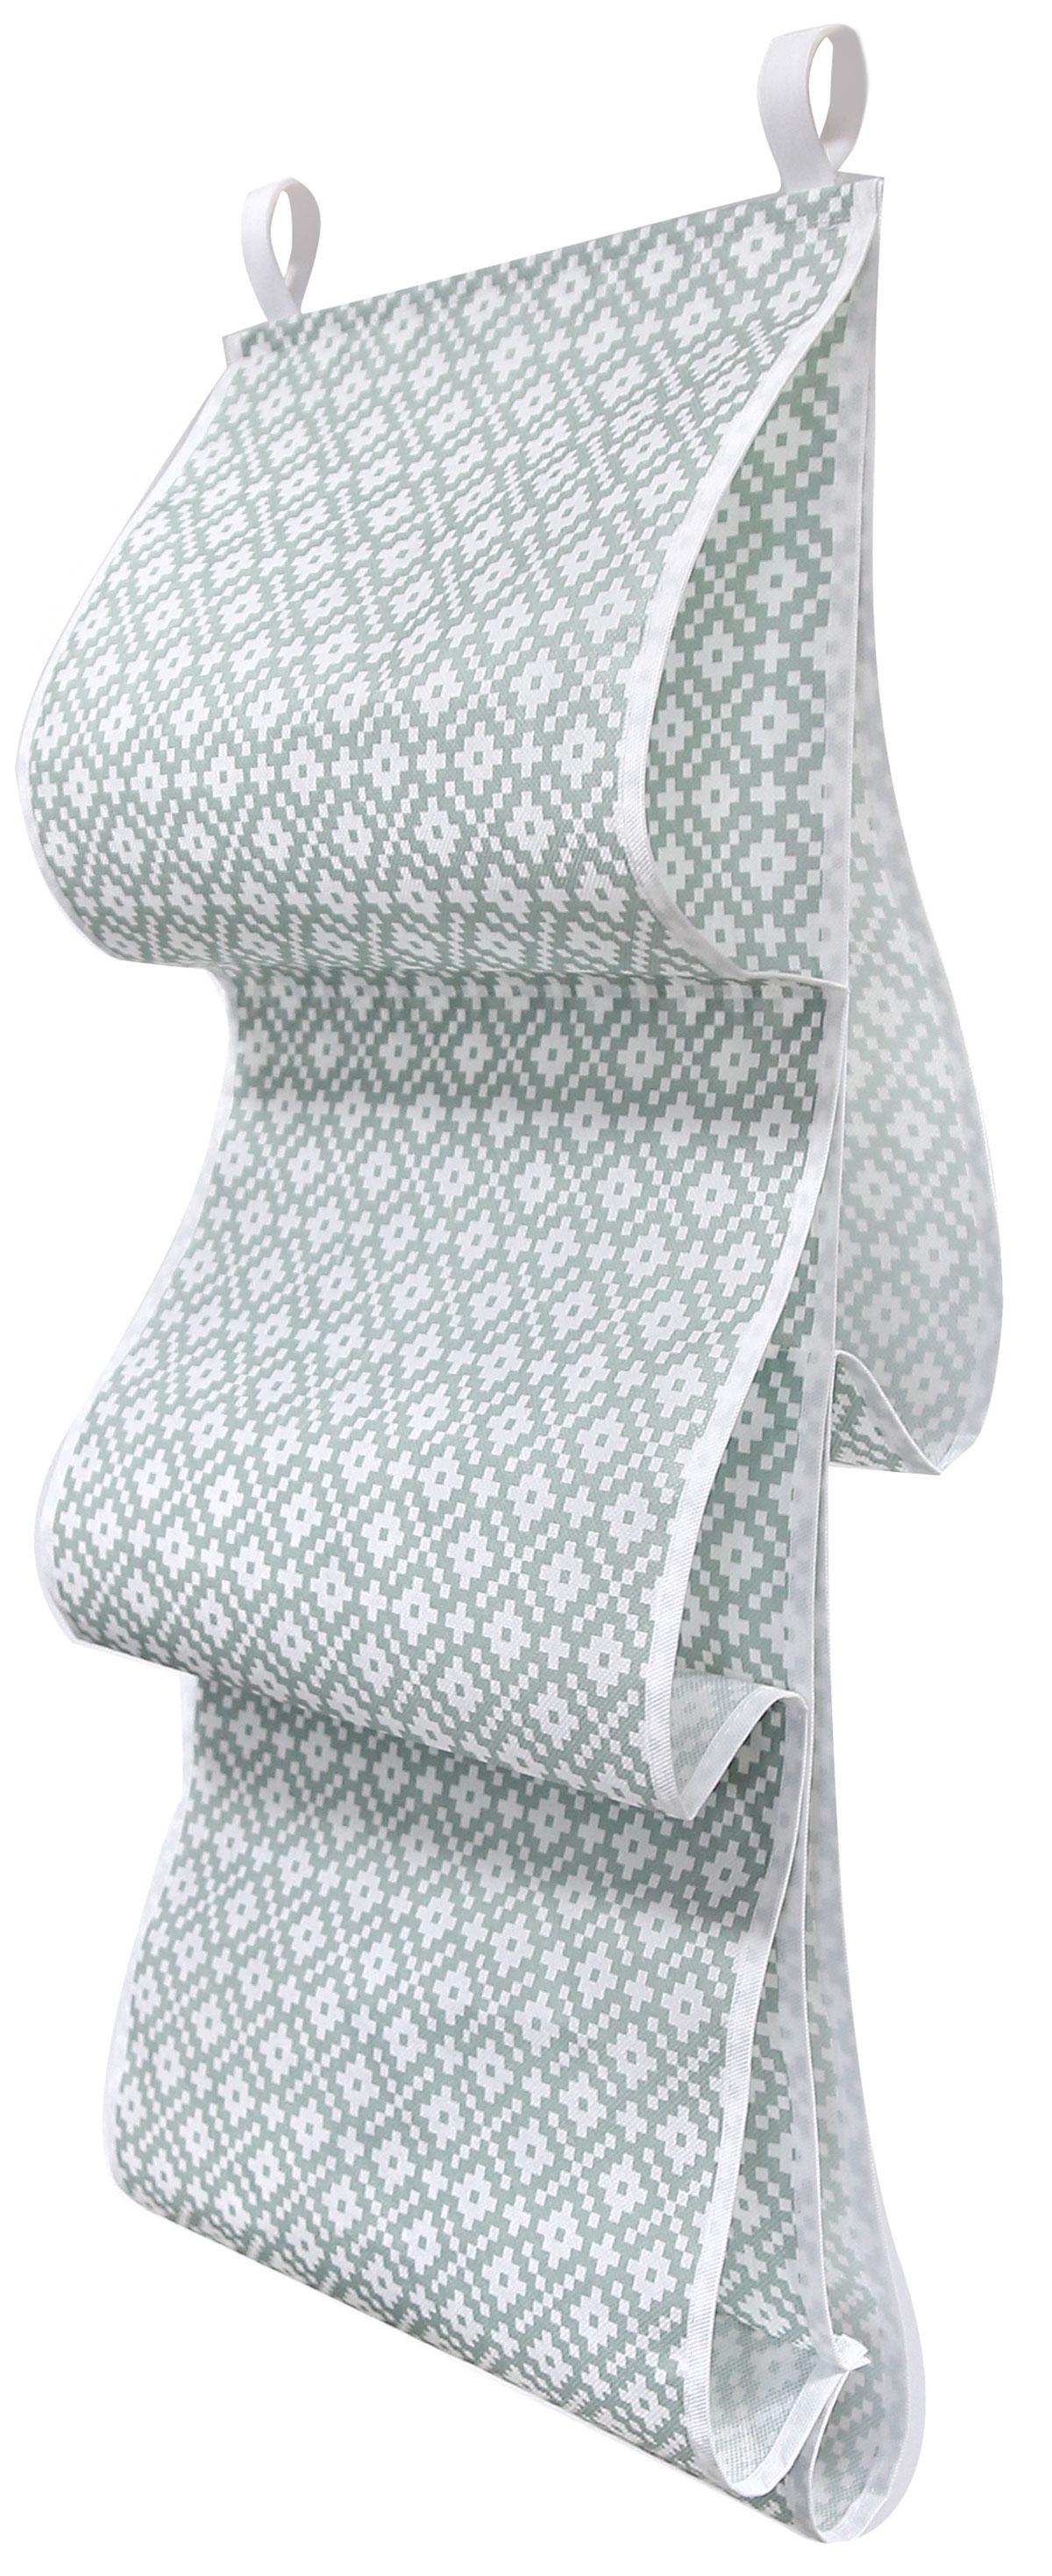 Органайзер для хранения сумок Ева Этника, подвесной, 36 x 80 смЯ4514Органайзер Eva - полка для сумок, которая поможет сэкономить вам место в шкафу и принесет максимальную пользу. Изделие выполнено из спанбонда. Поможет сохранить качество и внешний вид сумок. Позволяет удобно и эстетично организовать хранение сумок, клатчей и кошельков.